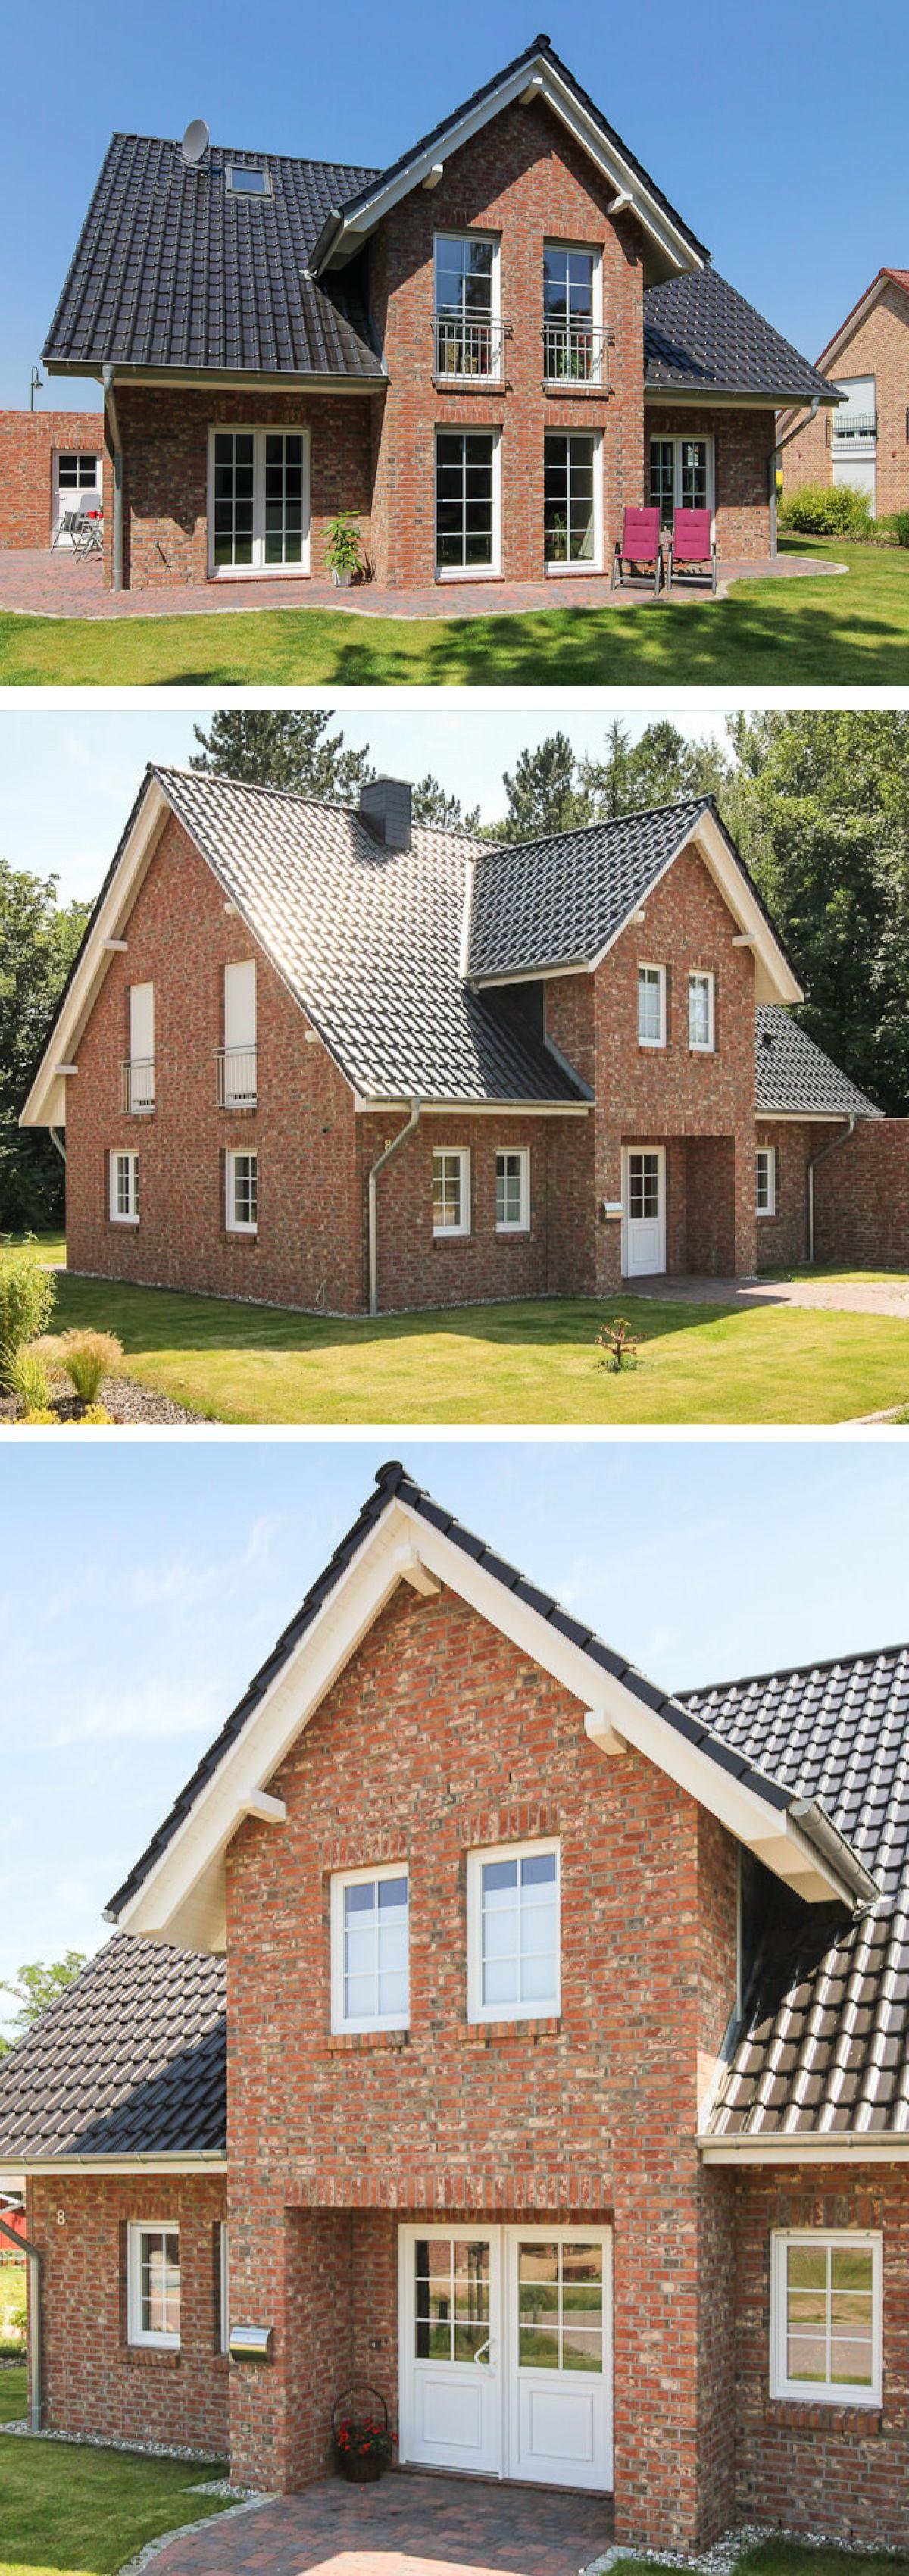 Einfamilienhaus Mit Klinker Fassade Garage Satteldach Architektur